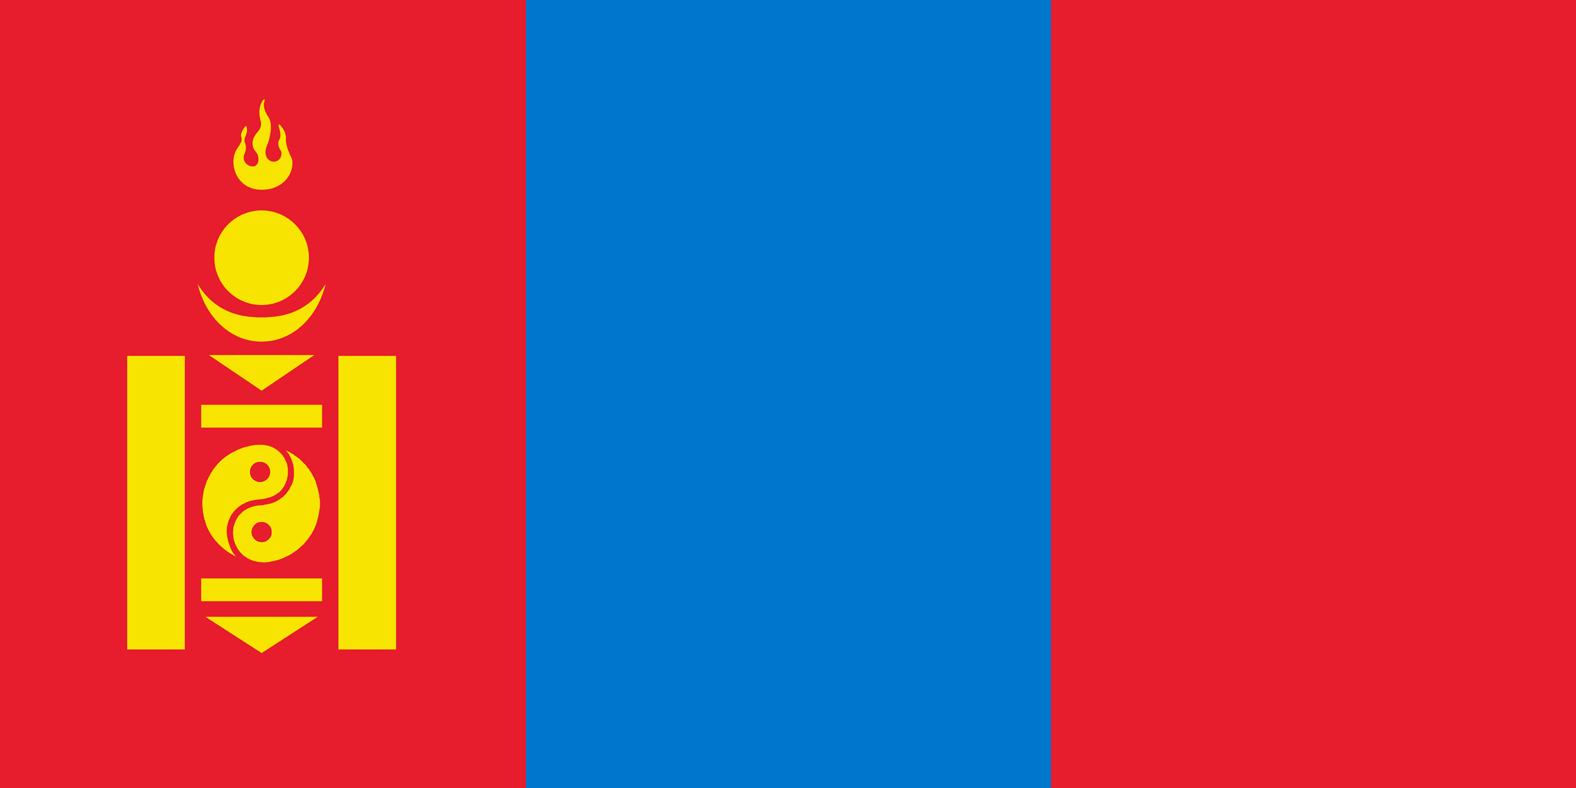 Flag_of_Mongolia.png